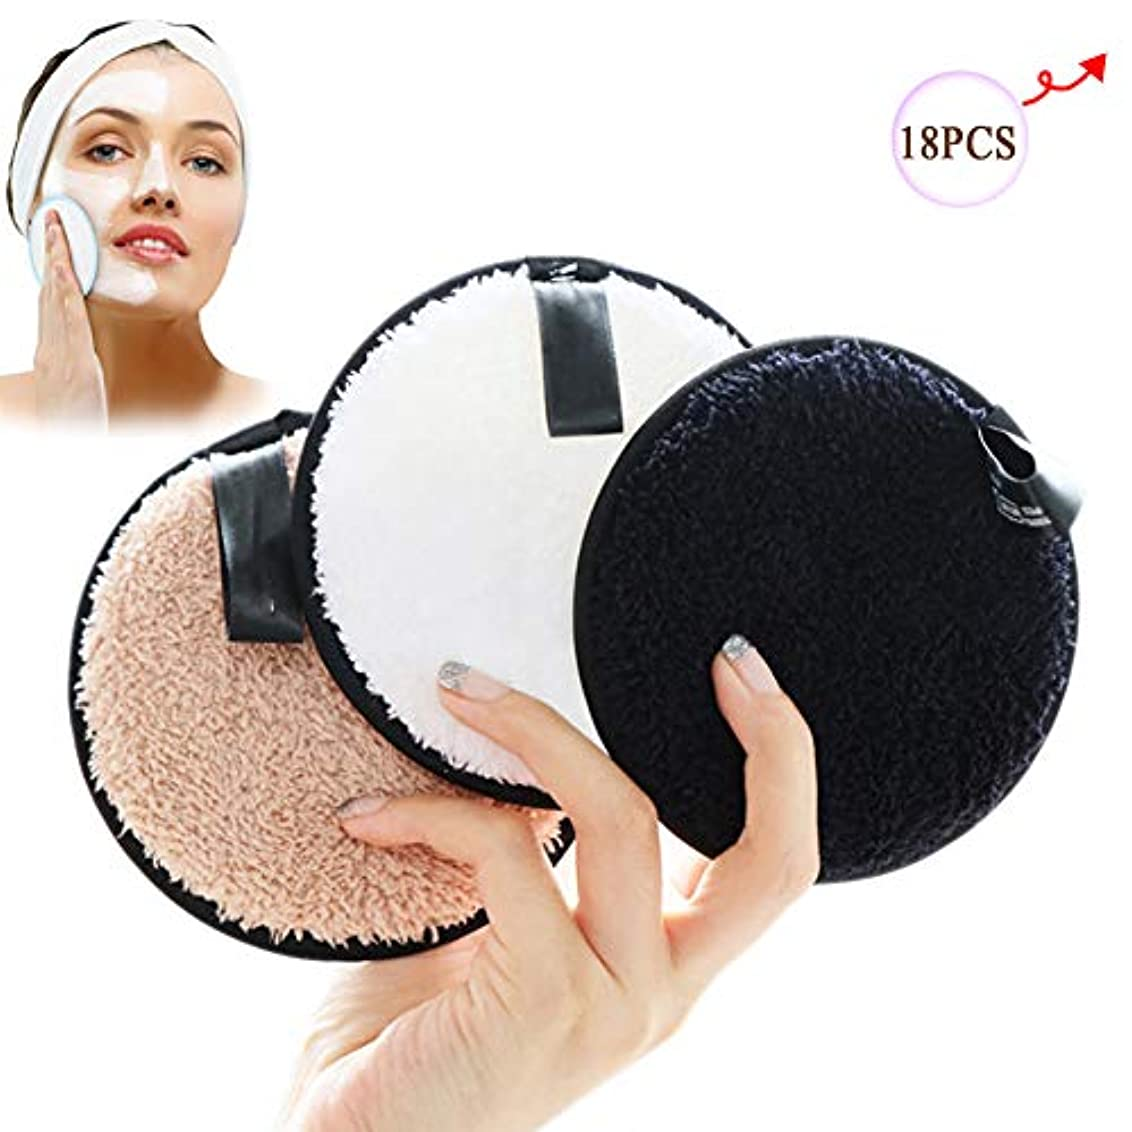 除去剤のパッド、女性の表面/目/唇のための再使用可能な清潔になる綿繊維の構造の除去剤のワイプ,18PCS